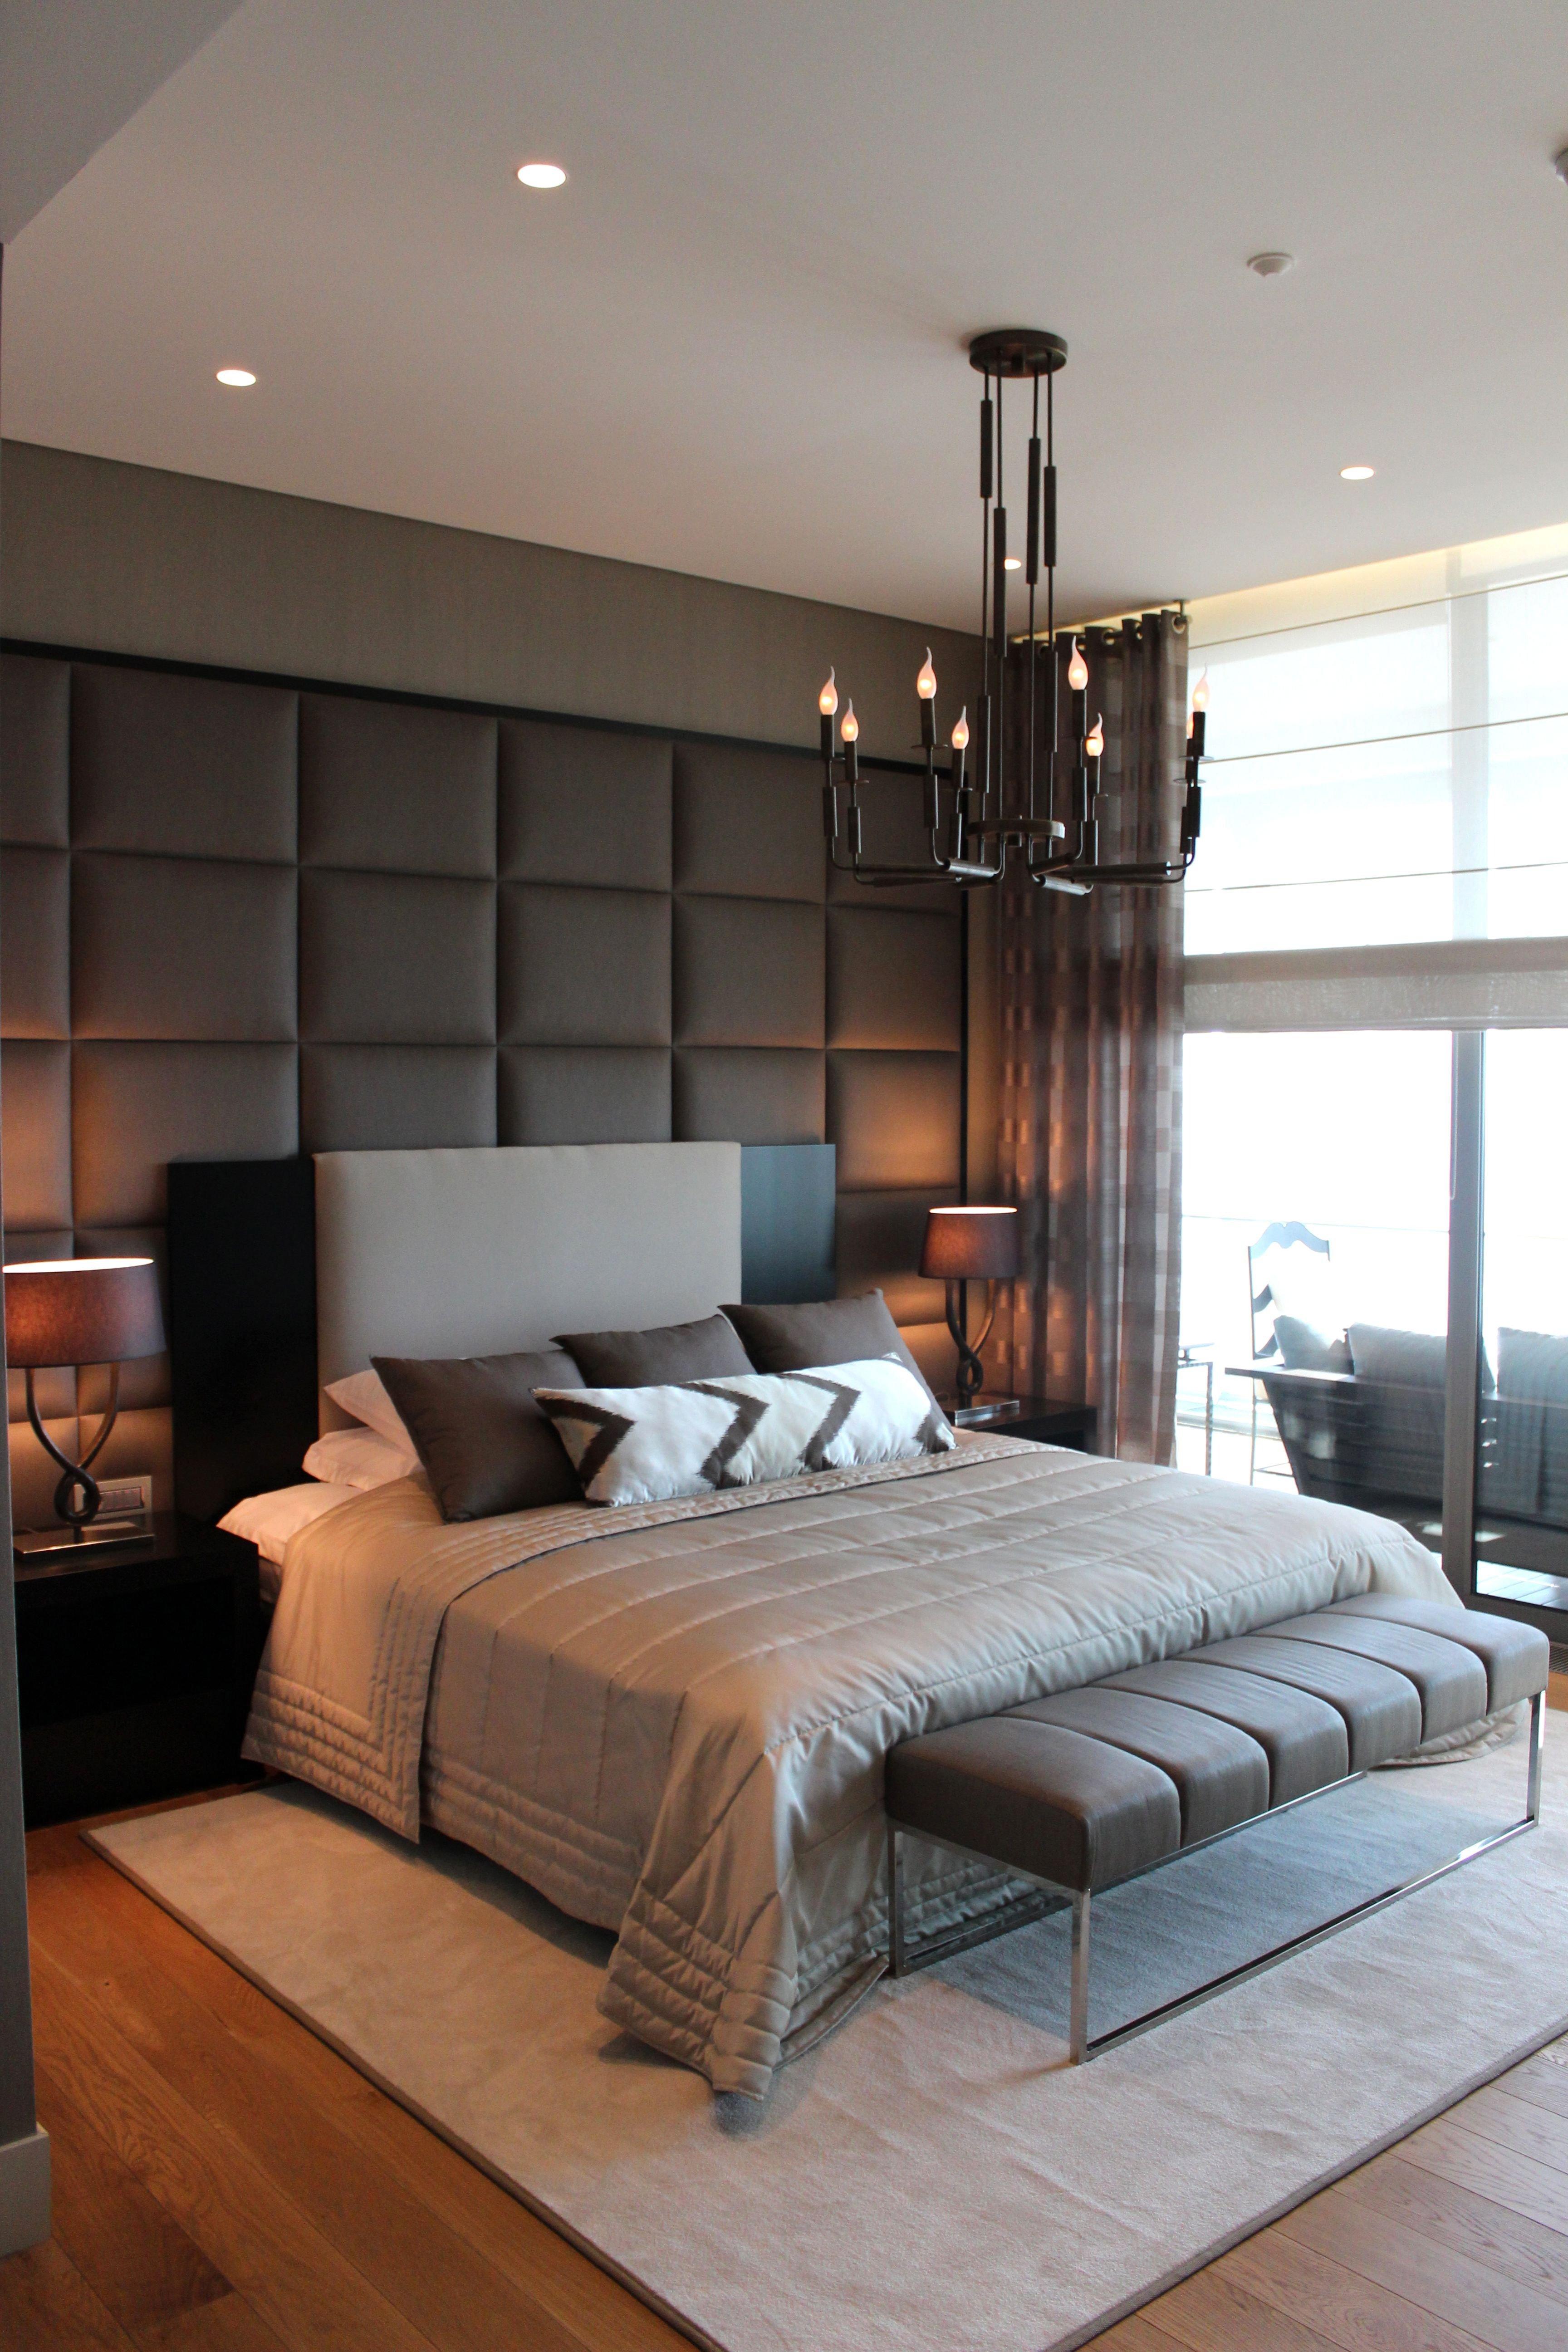 Bedroom Set for Men New Décoration De Chambre 55 Idées De Couleur Murale Et Tissus